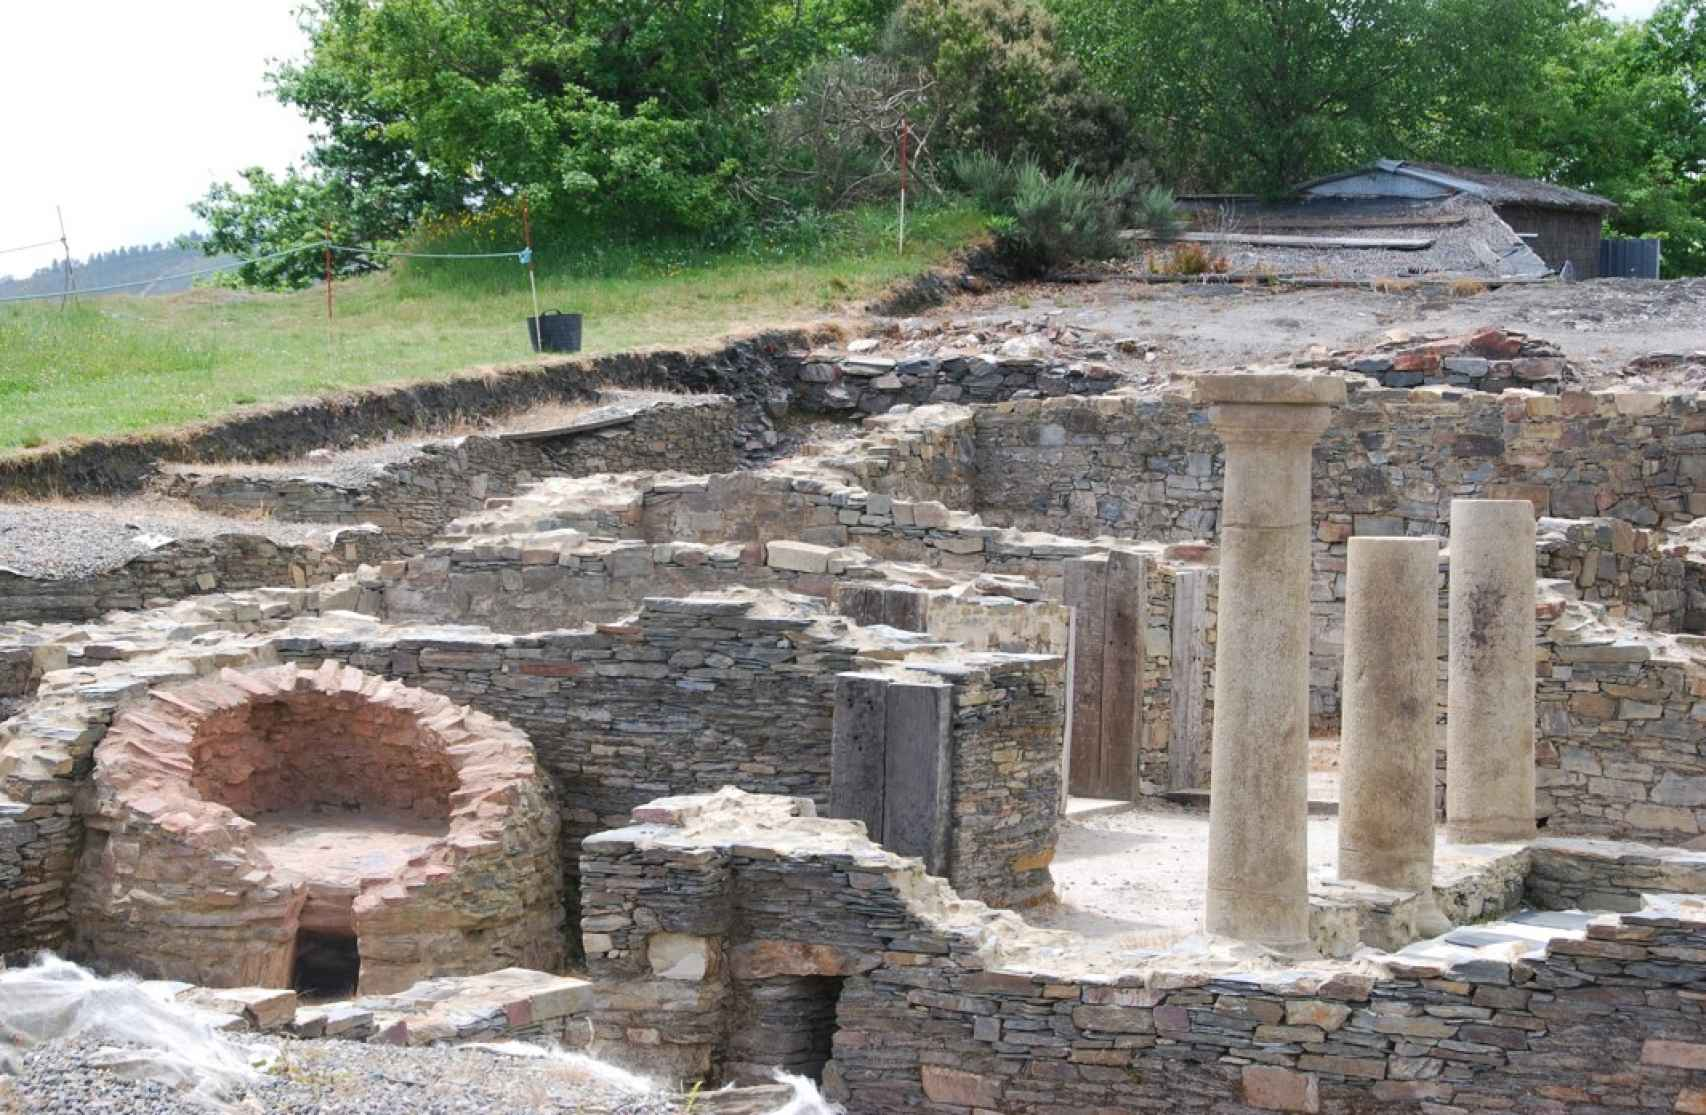 Columnas romanas y otras estructuras del castro de Chao Samartín.